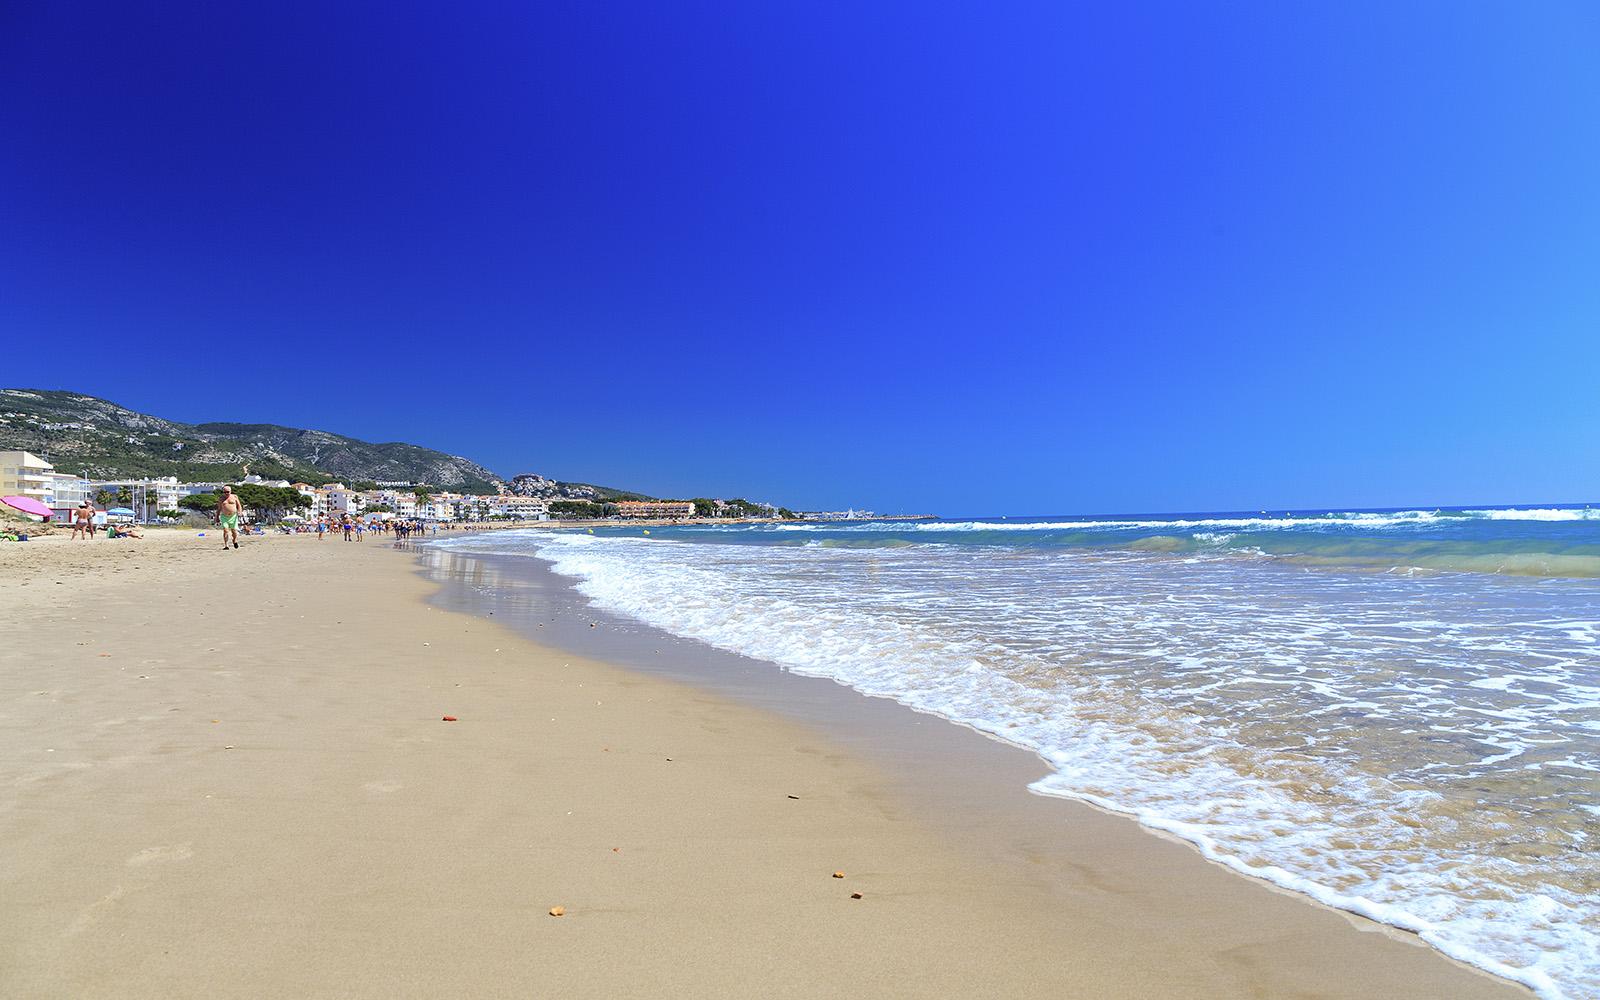 Turismo-Alcossebre-Playa-Cargador-Carregador-Alcossebre